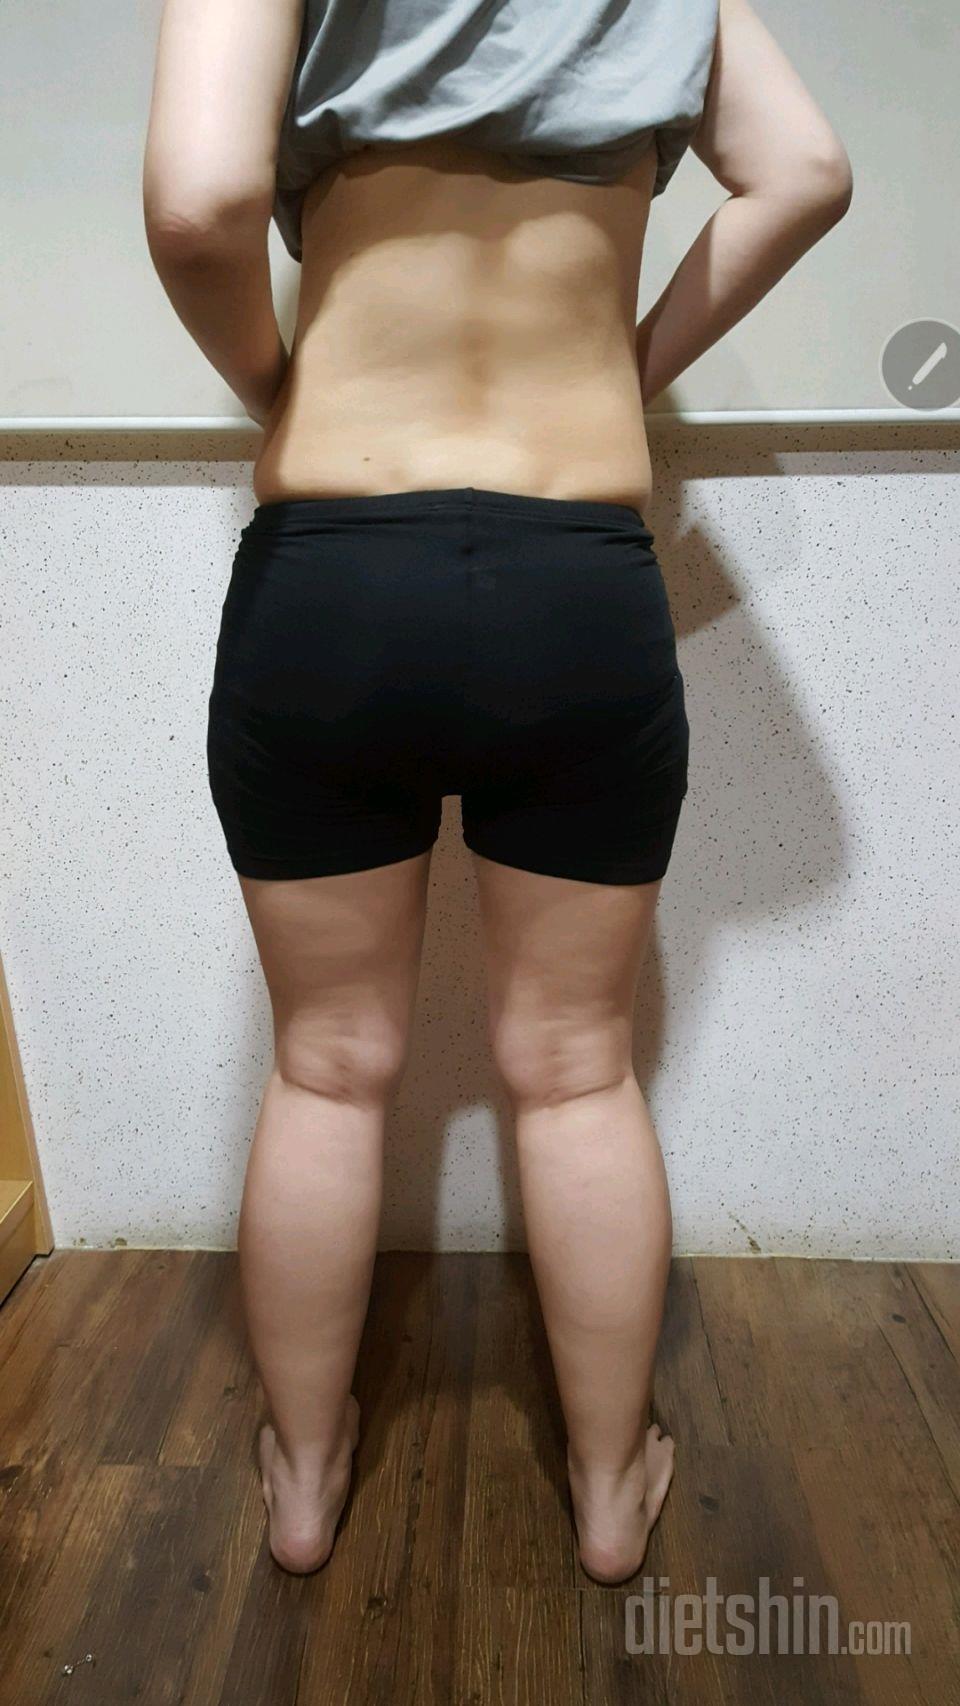 [다신 14기 필수미션]체중, 전신인증